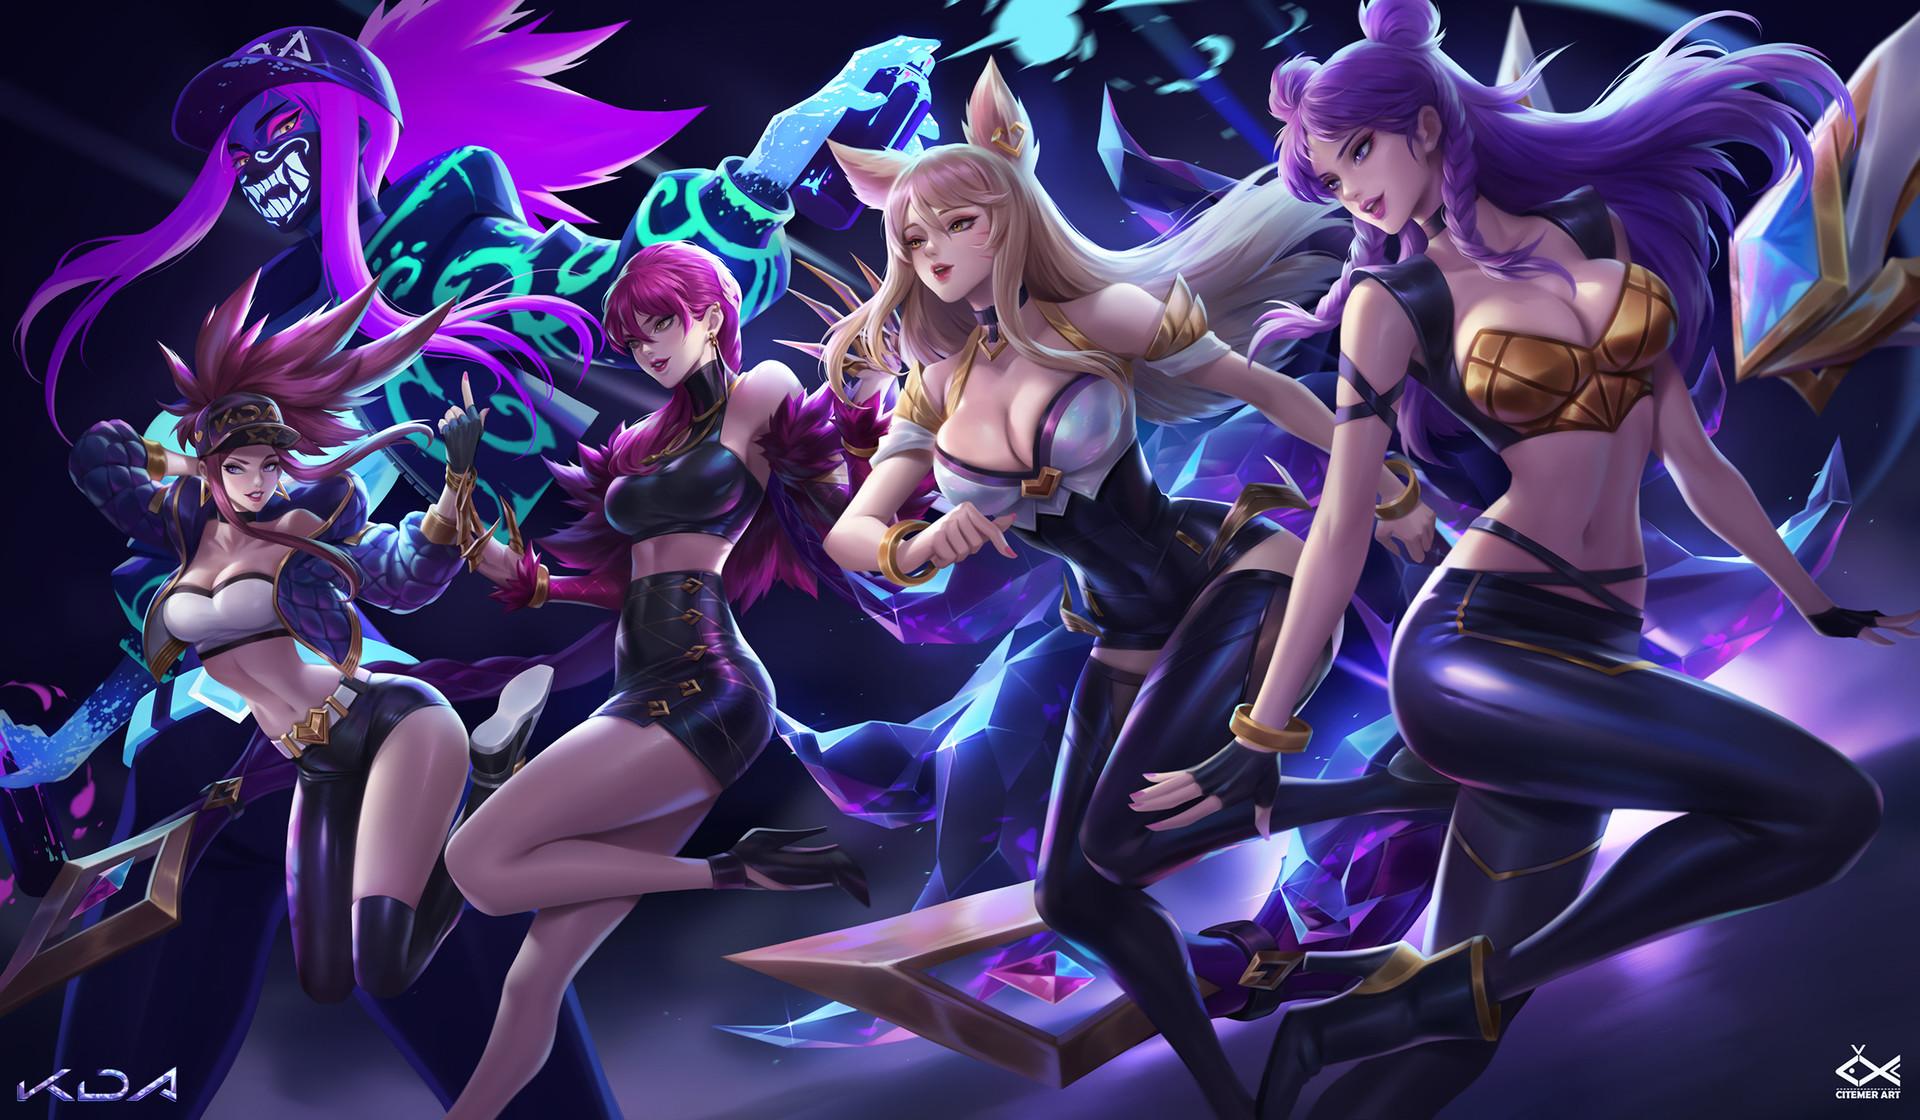 Wallpaper Citemer Liu Akali League Of Legends Evelynn